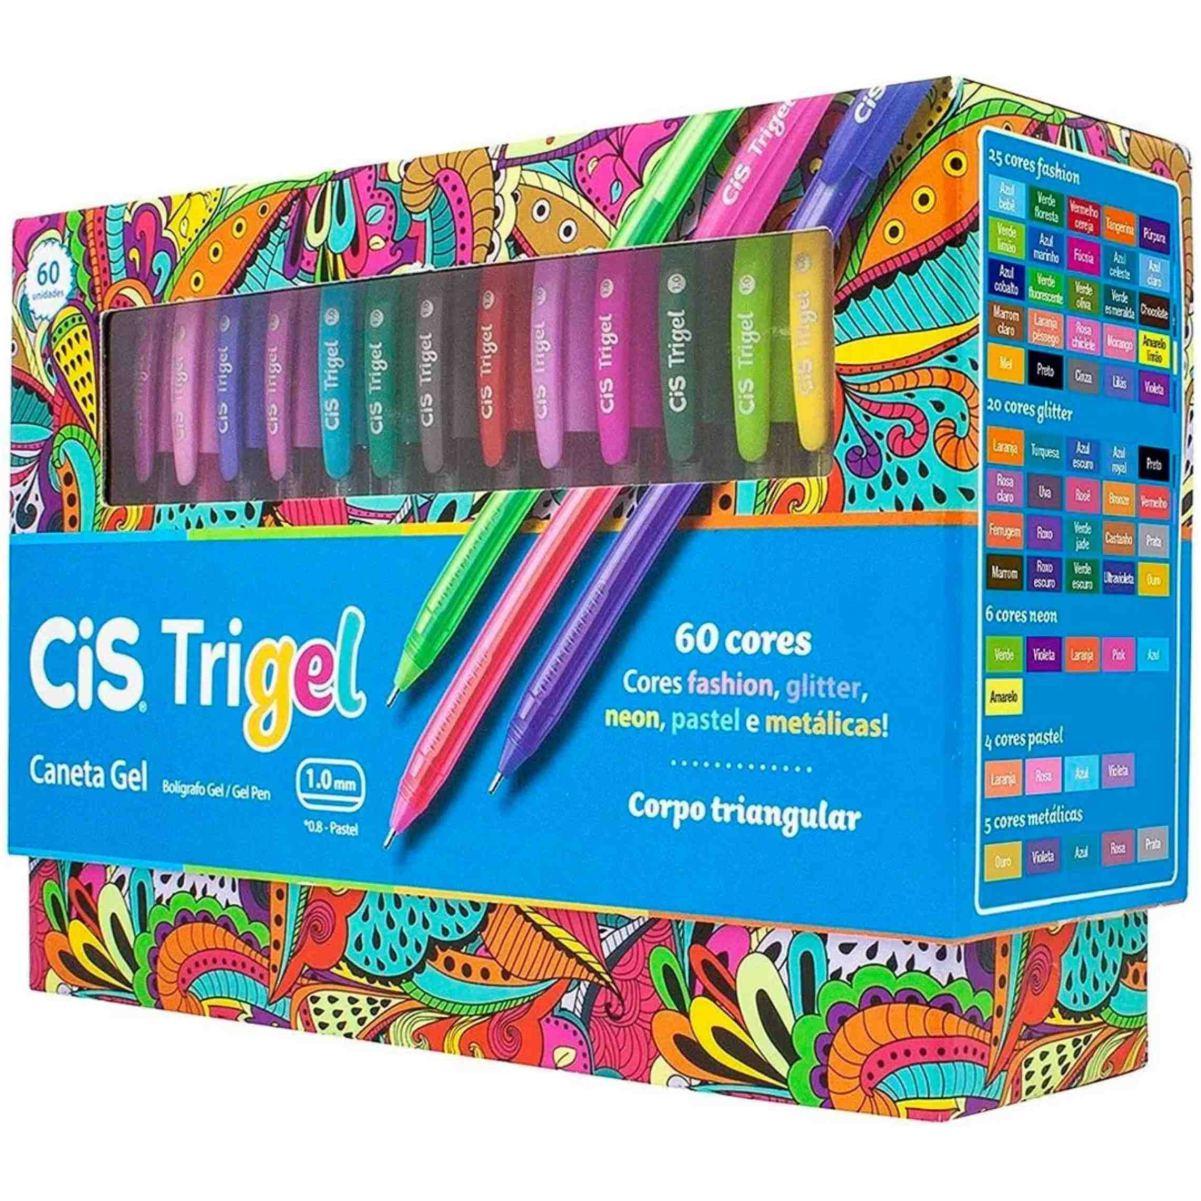 Conjunto Caneta Cis Trigel 1.0mm Triangular 60 Cores